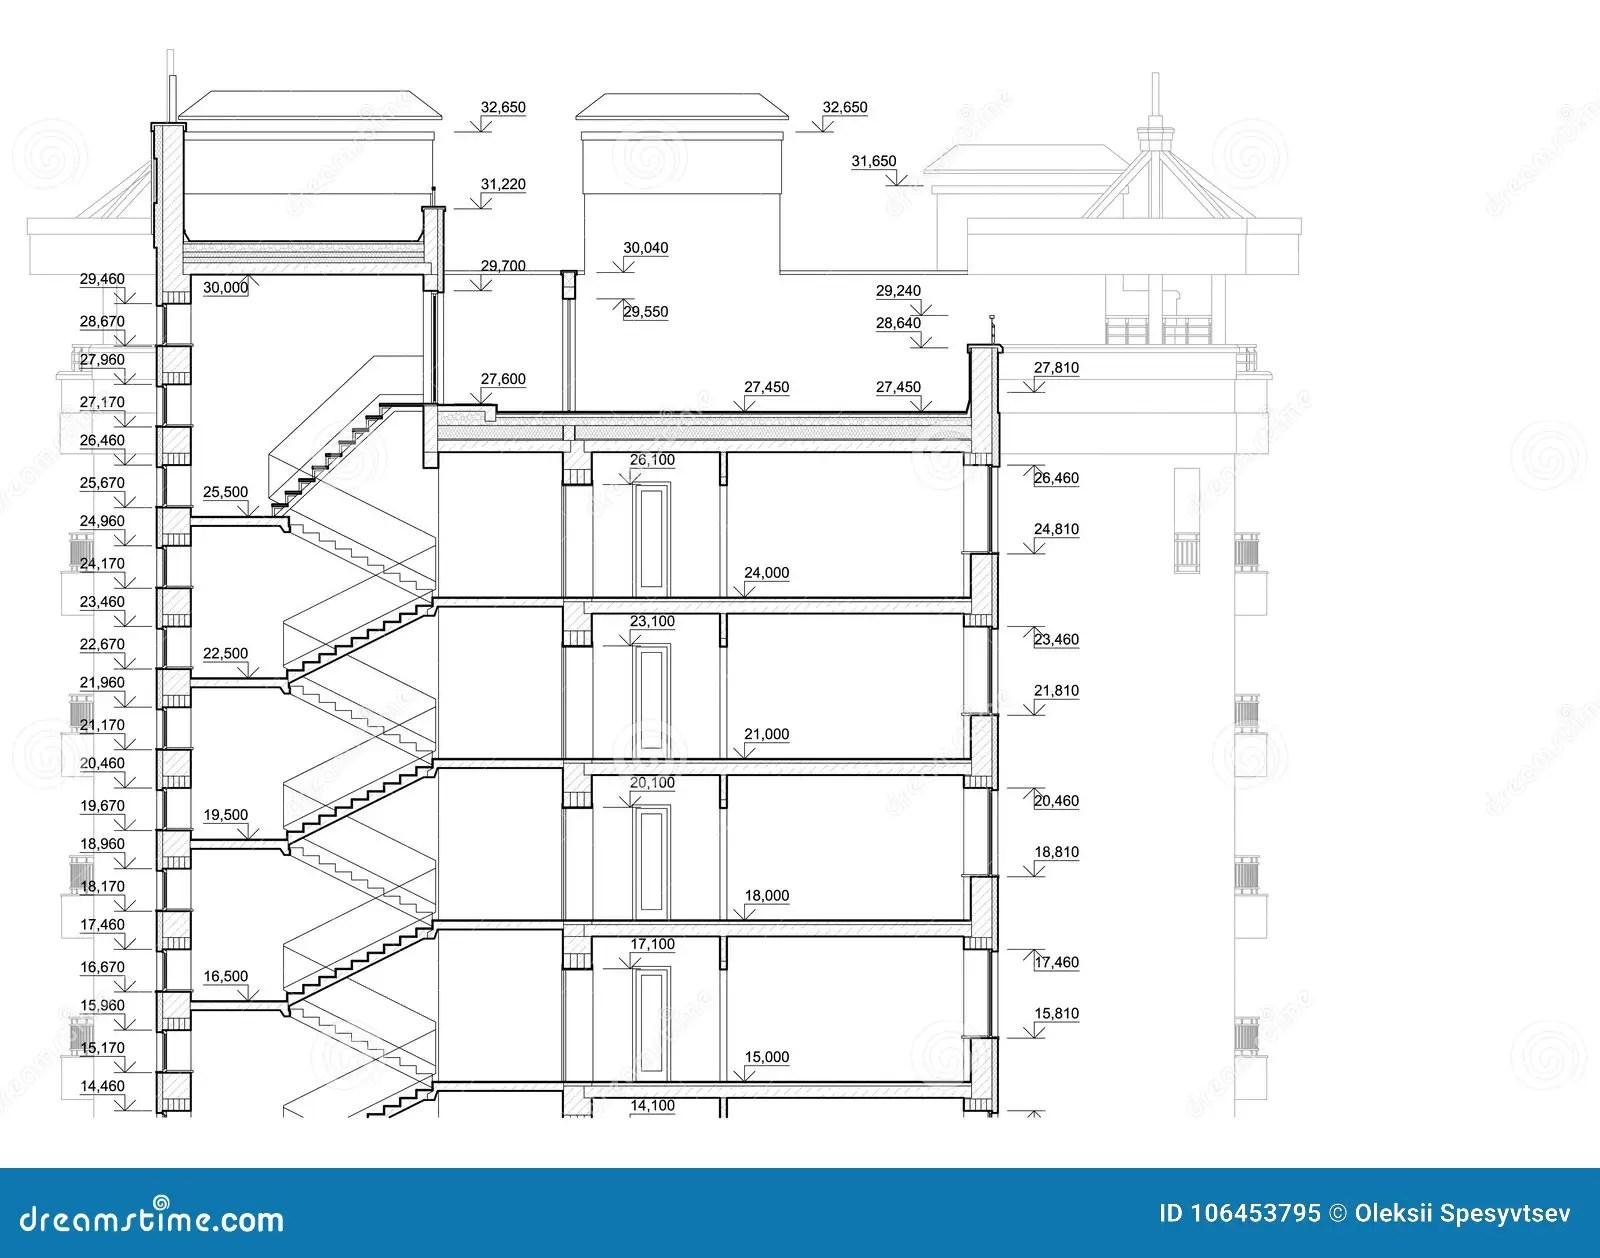 Plan Arquitectonico Detallado Del Edificio De Varios Pisos